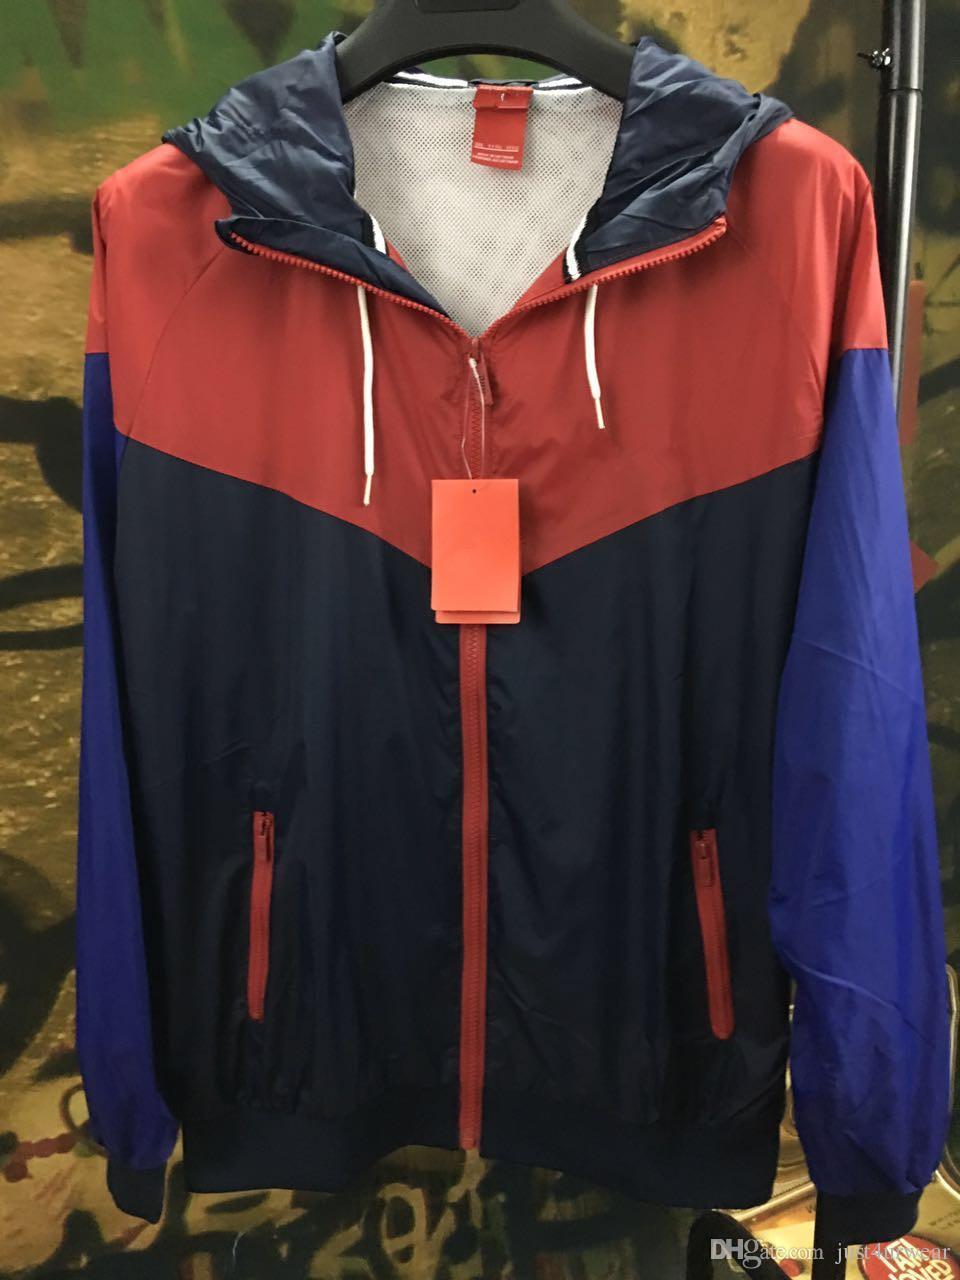 Homens Mulheres Jaqueta de Esportes Casacos Blusão Primavera Outono Marca Fina Cores Patchwork Jaquetas Com Capuz Basculador Tops